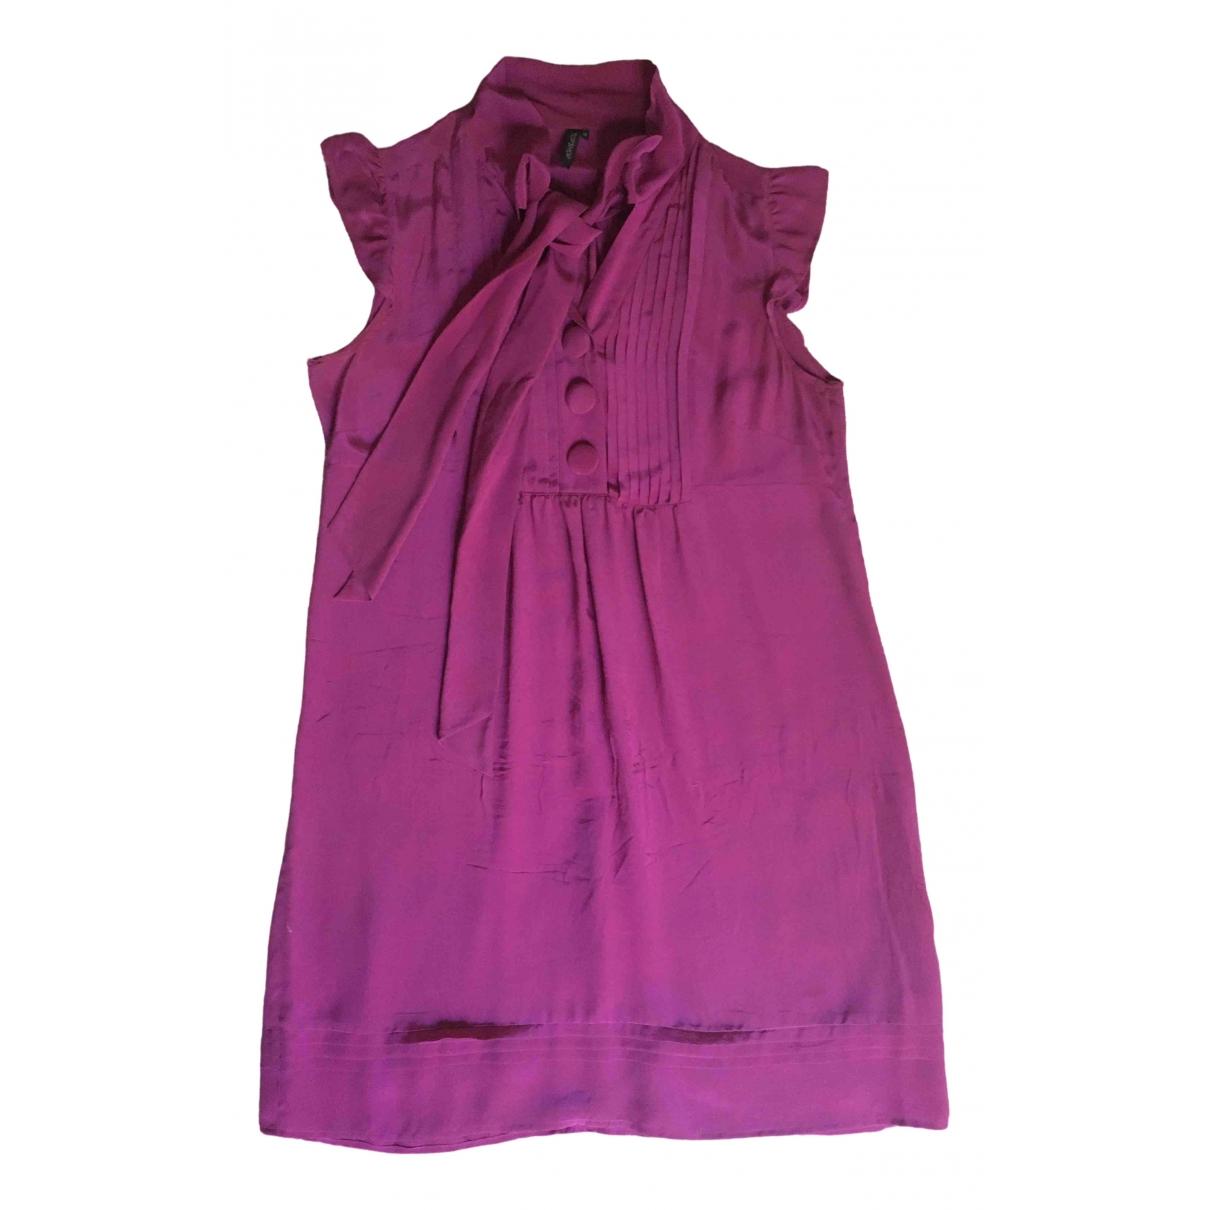 Tophop \N Kleid in Seide